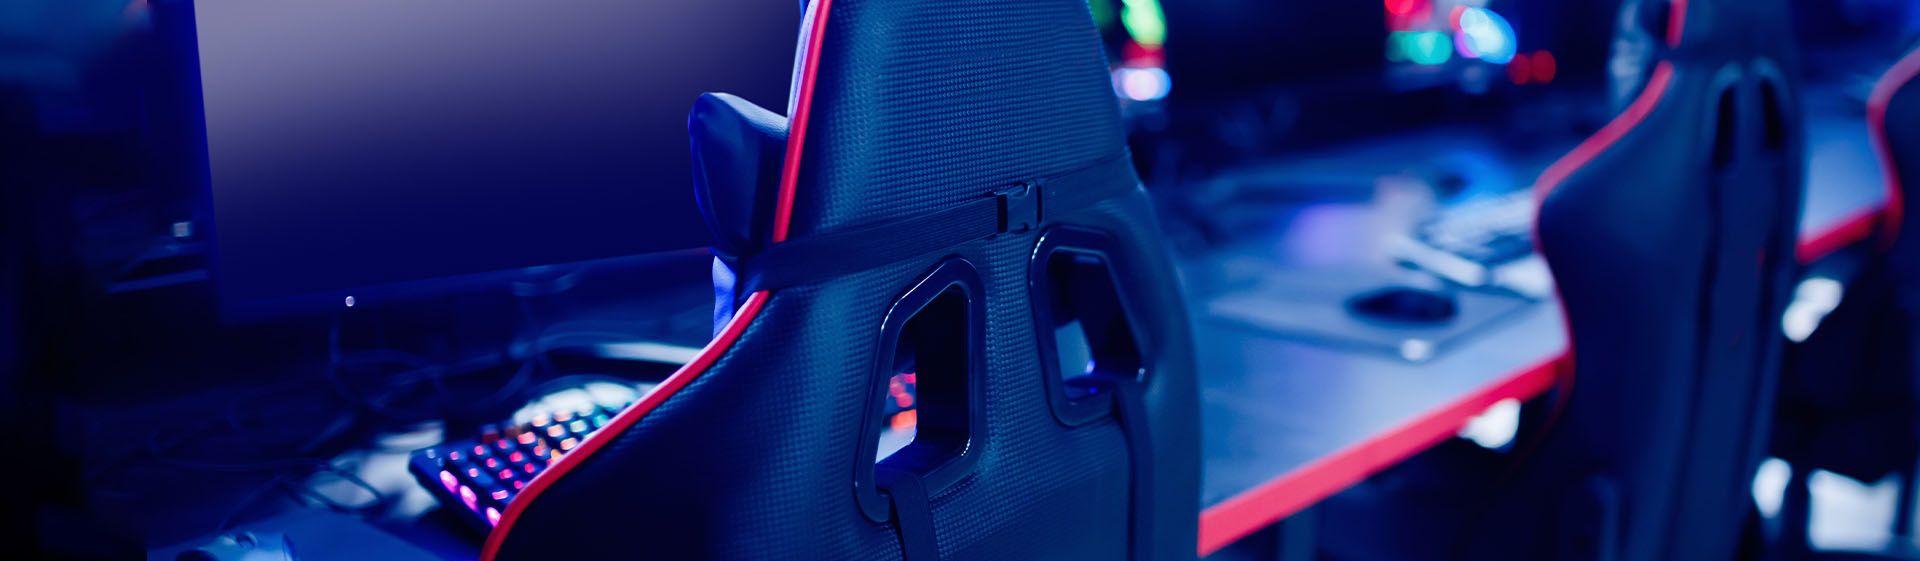 Cadeira gamer na Black Friday 2020: as cinco melhores para comprar